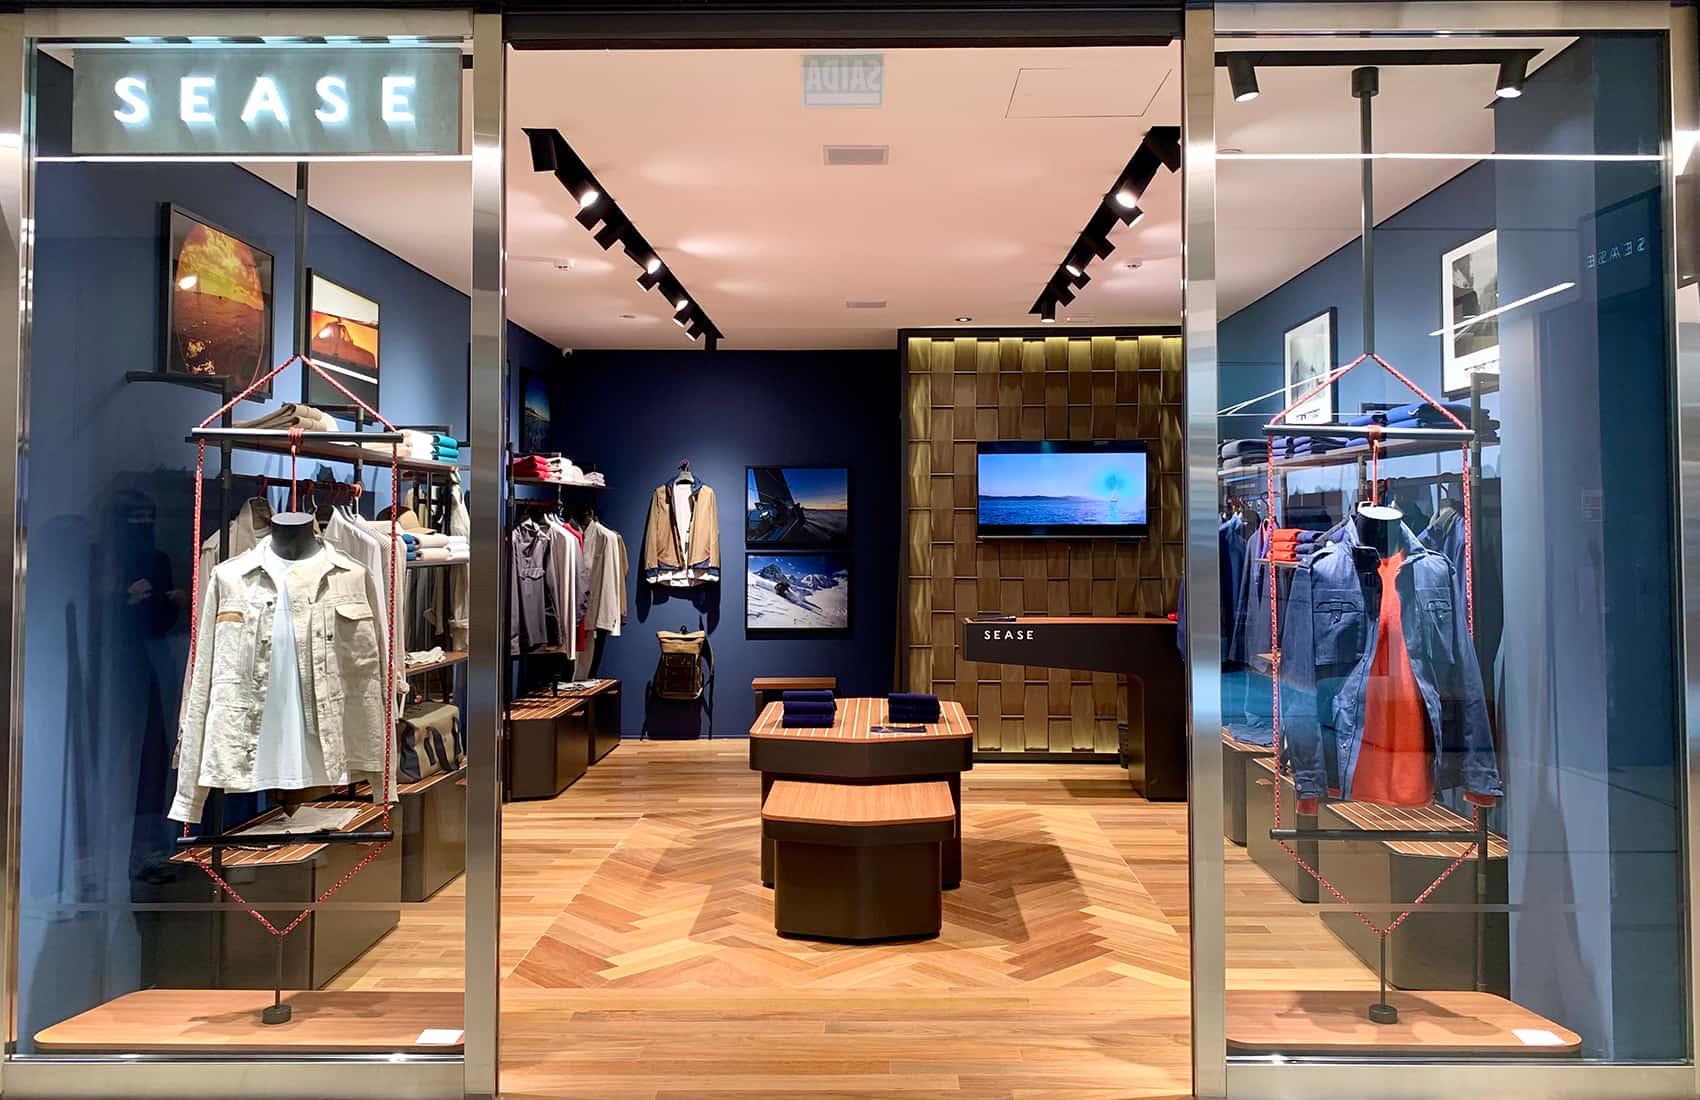 Sease Cj Shops 01